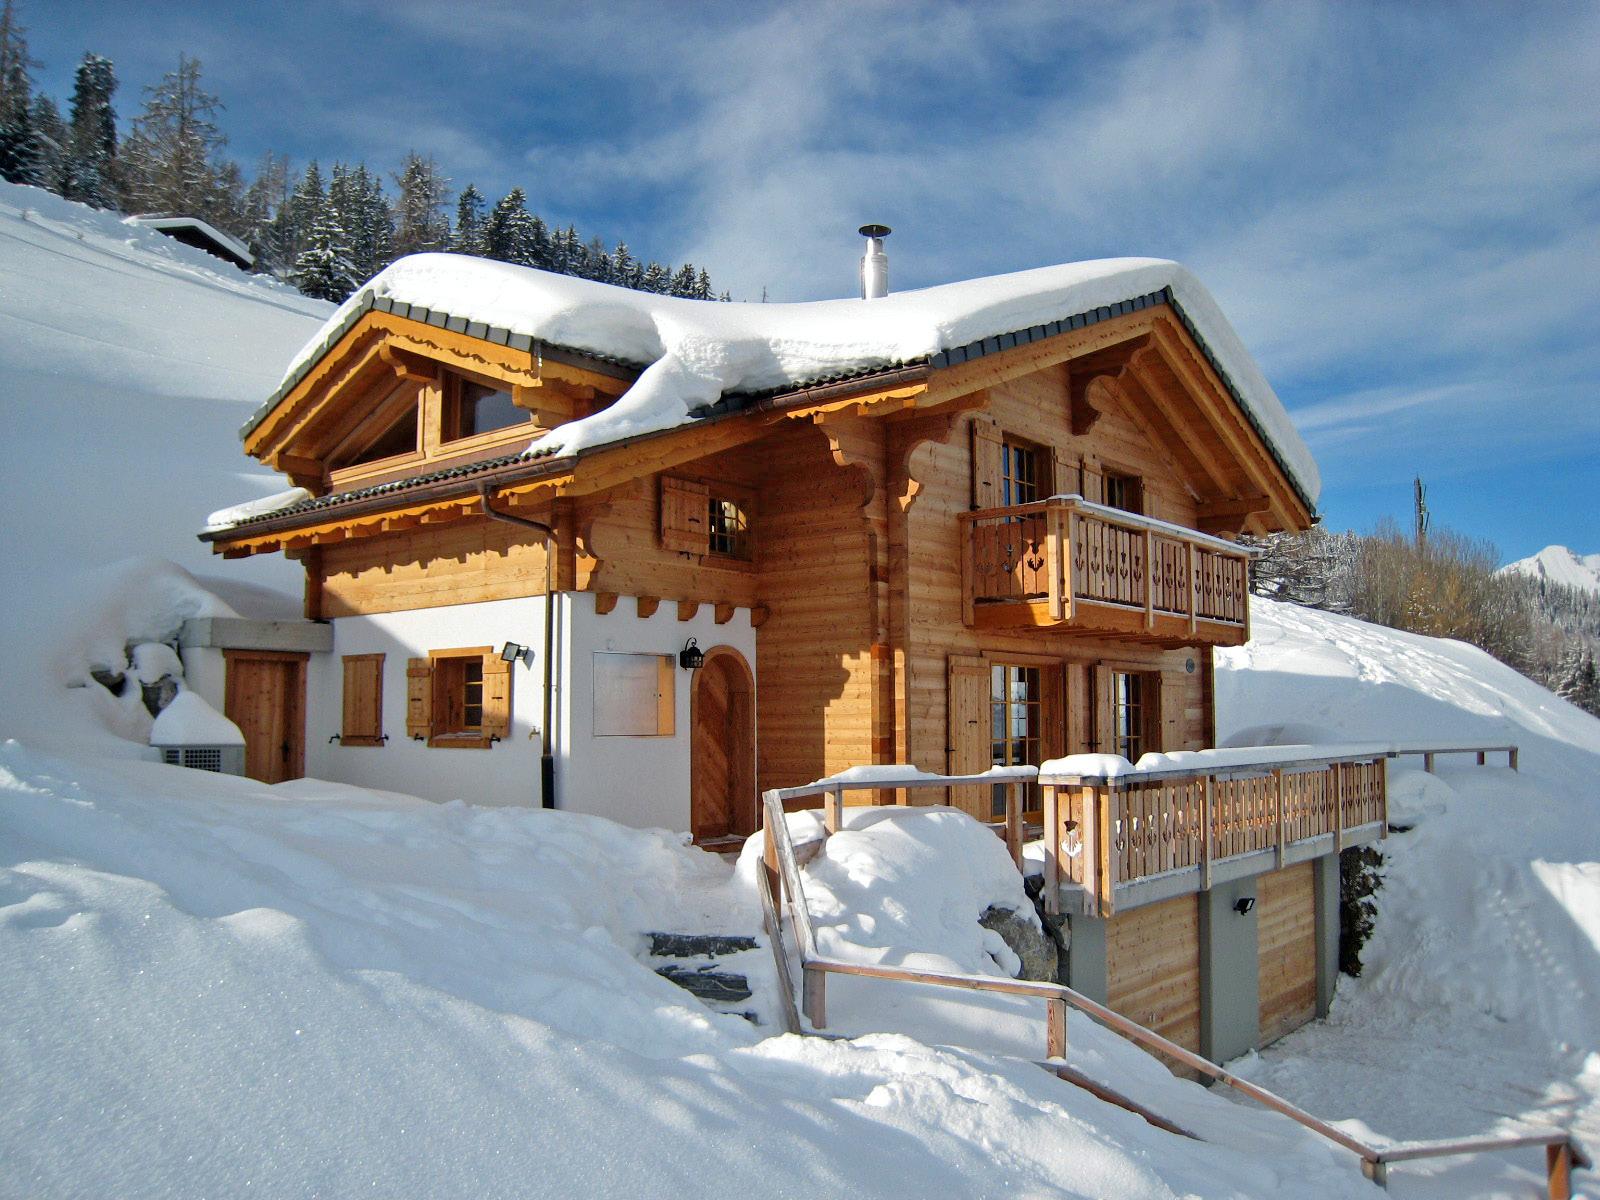 La tzoumaz suisse maison de vacances chalet mandalay for Inter home design